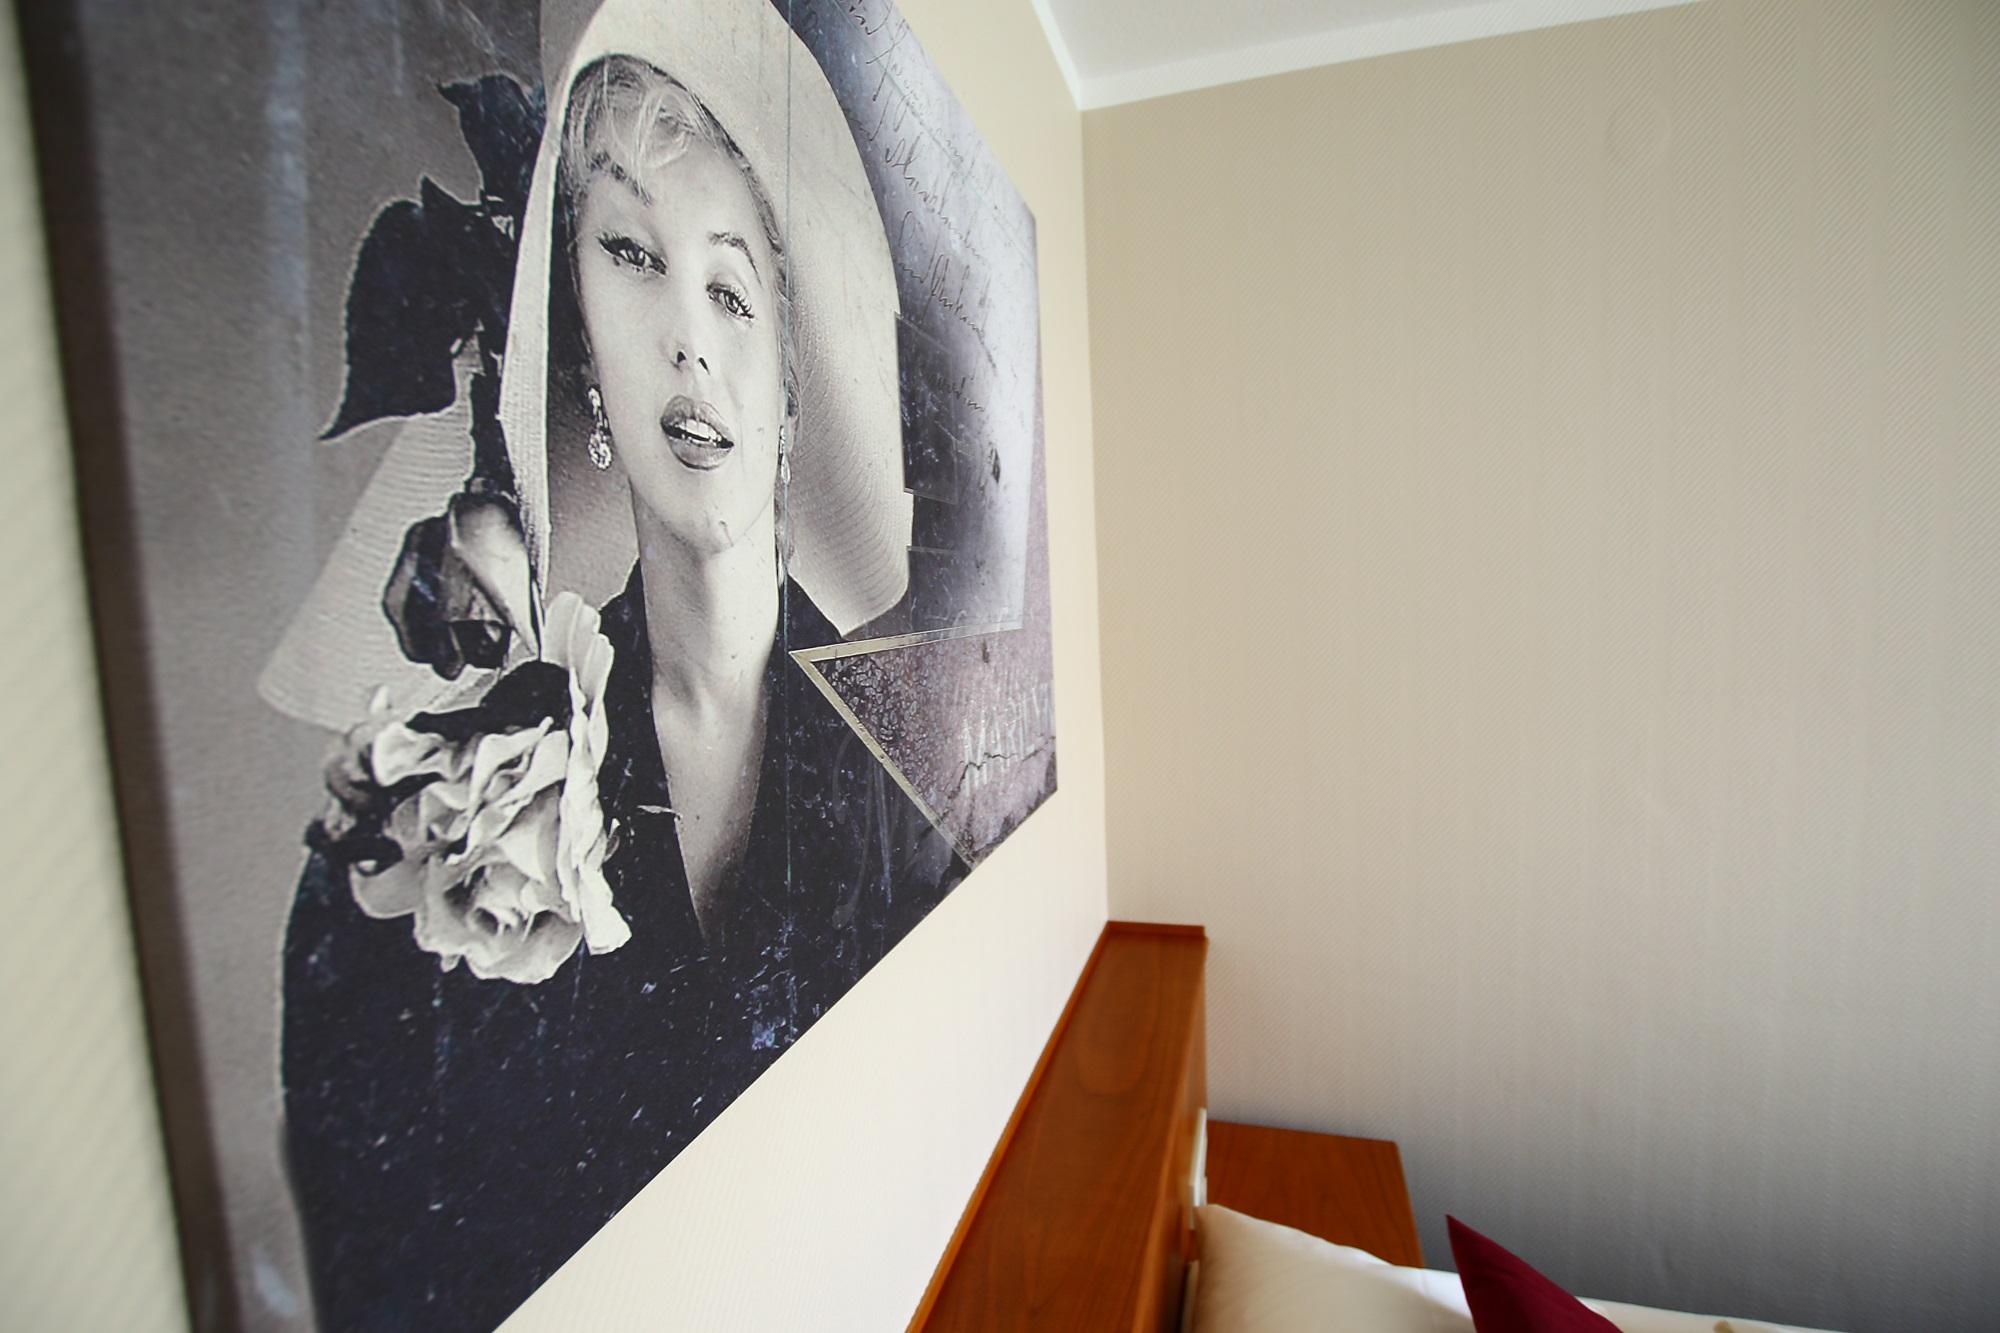 Gästehaus Zimmer 23 - 26 und 29 - 32